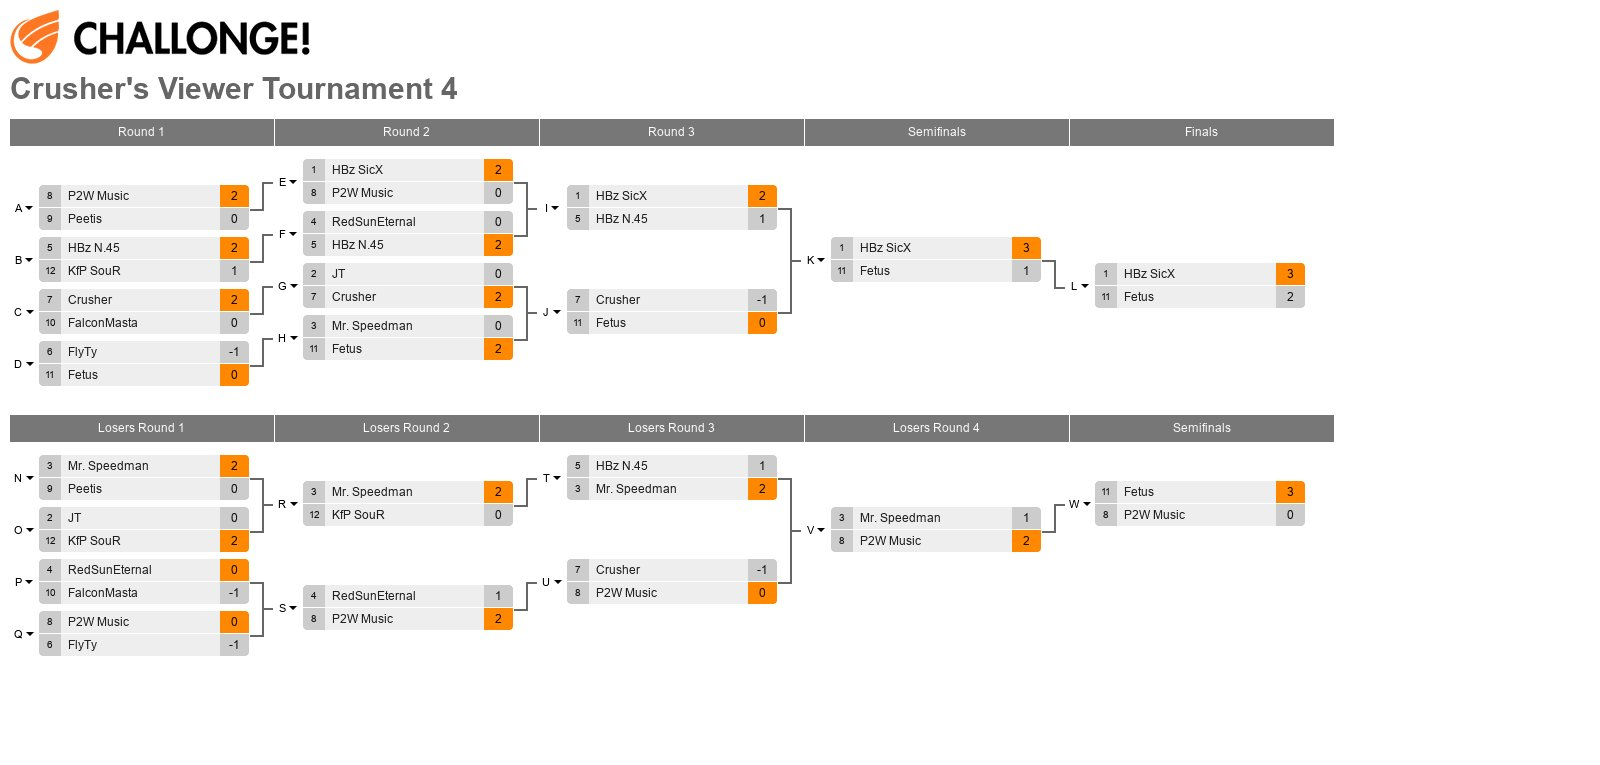 Crusher's Viewer Tournament 4